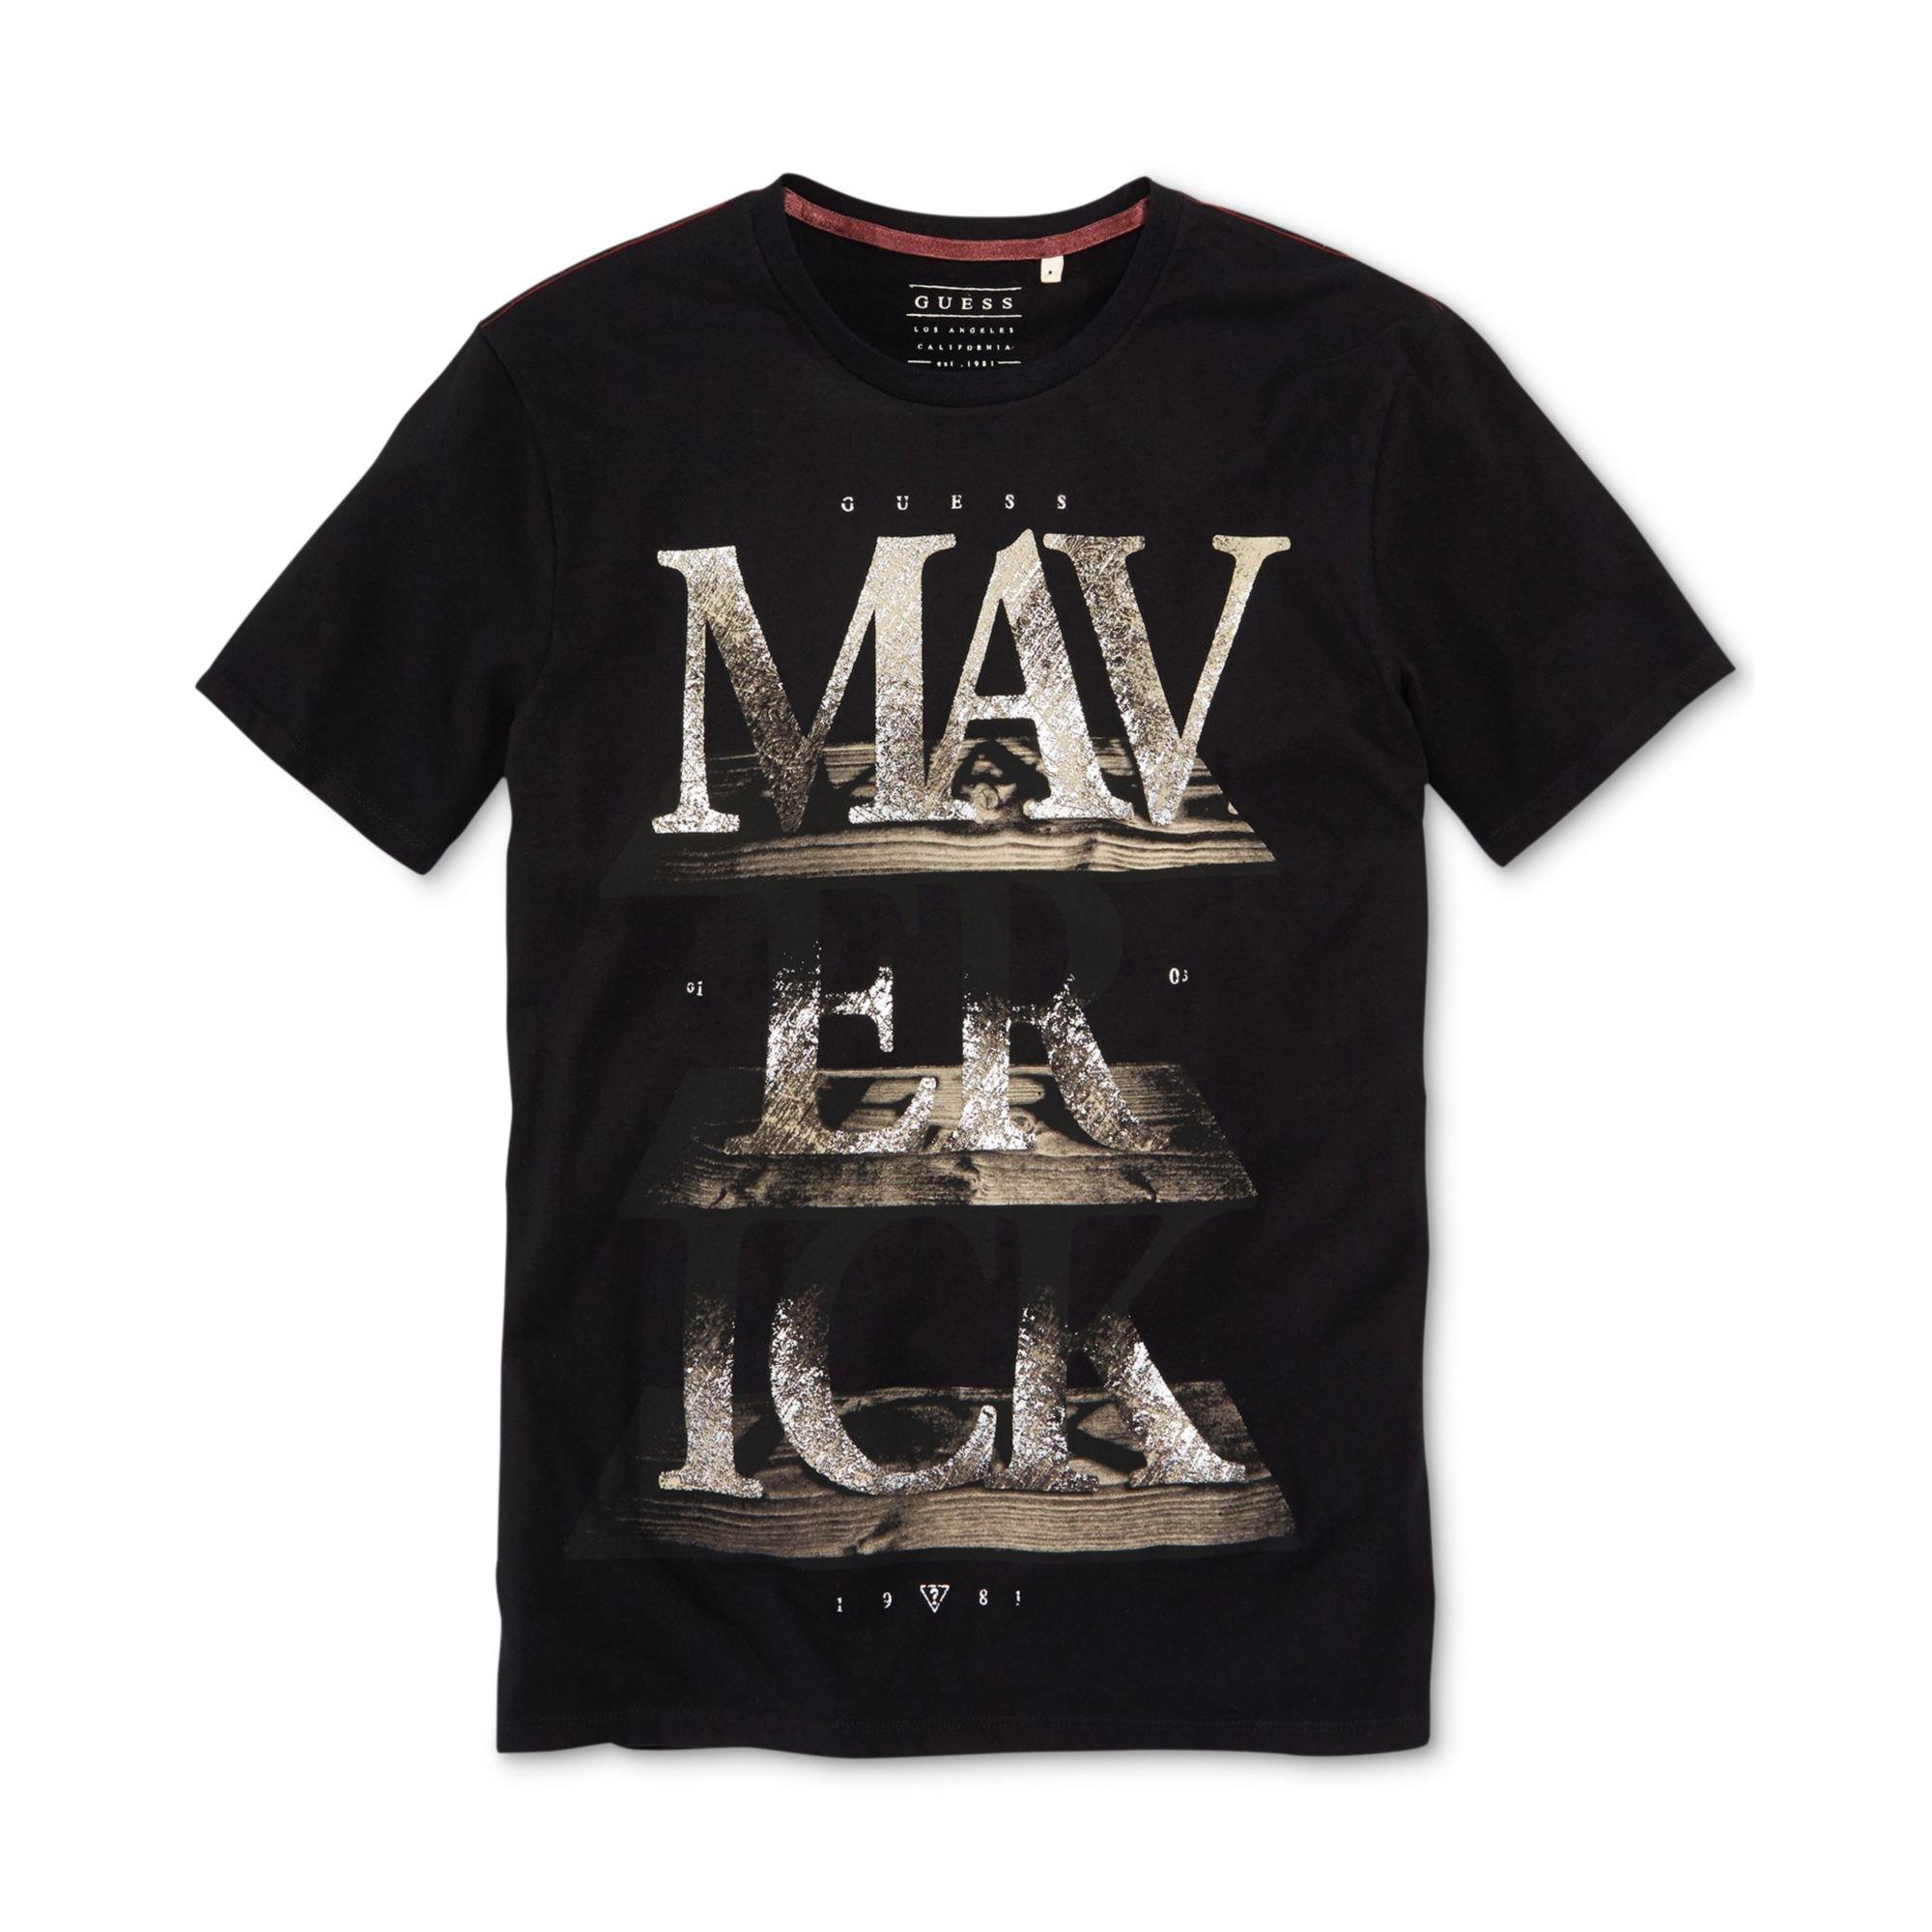 lyst guess maverick tshirt in black for men. Black Bedroom Furniture Sets. Home Design Ideas